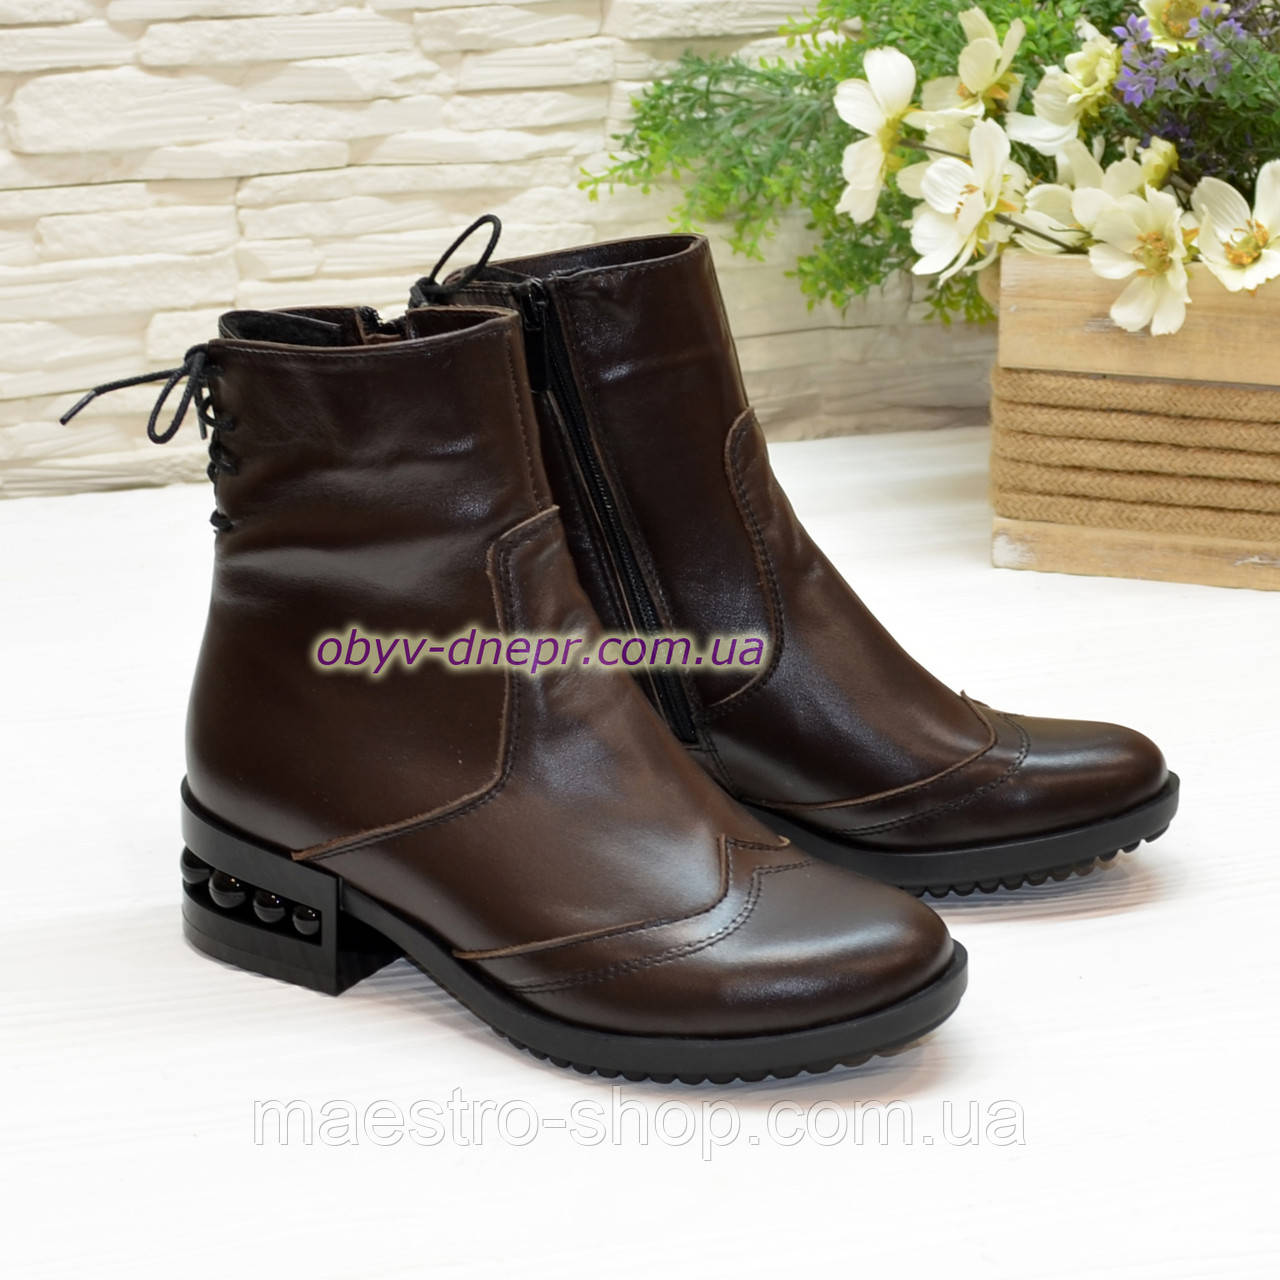 Ботинки женские кожаные демисезонные на маленьком каблуке, сзади на шнурках